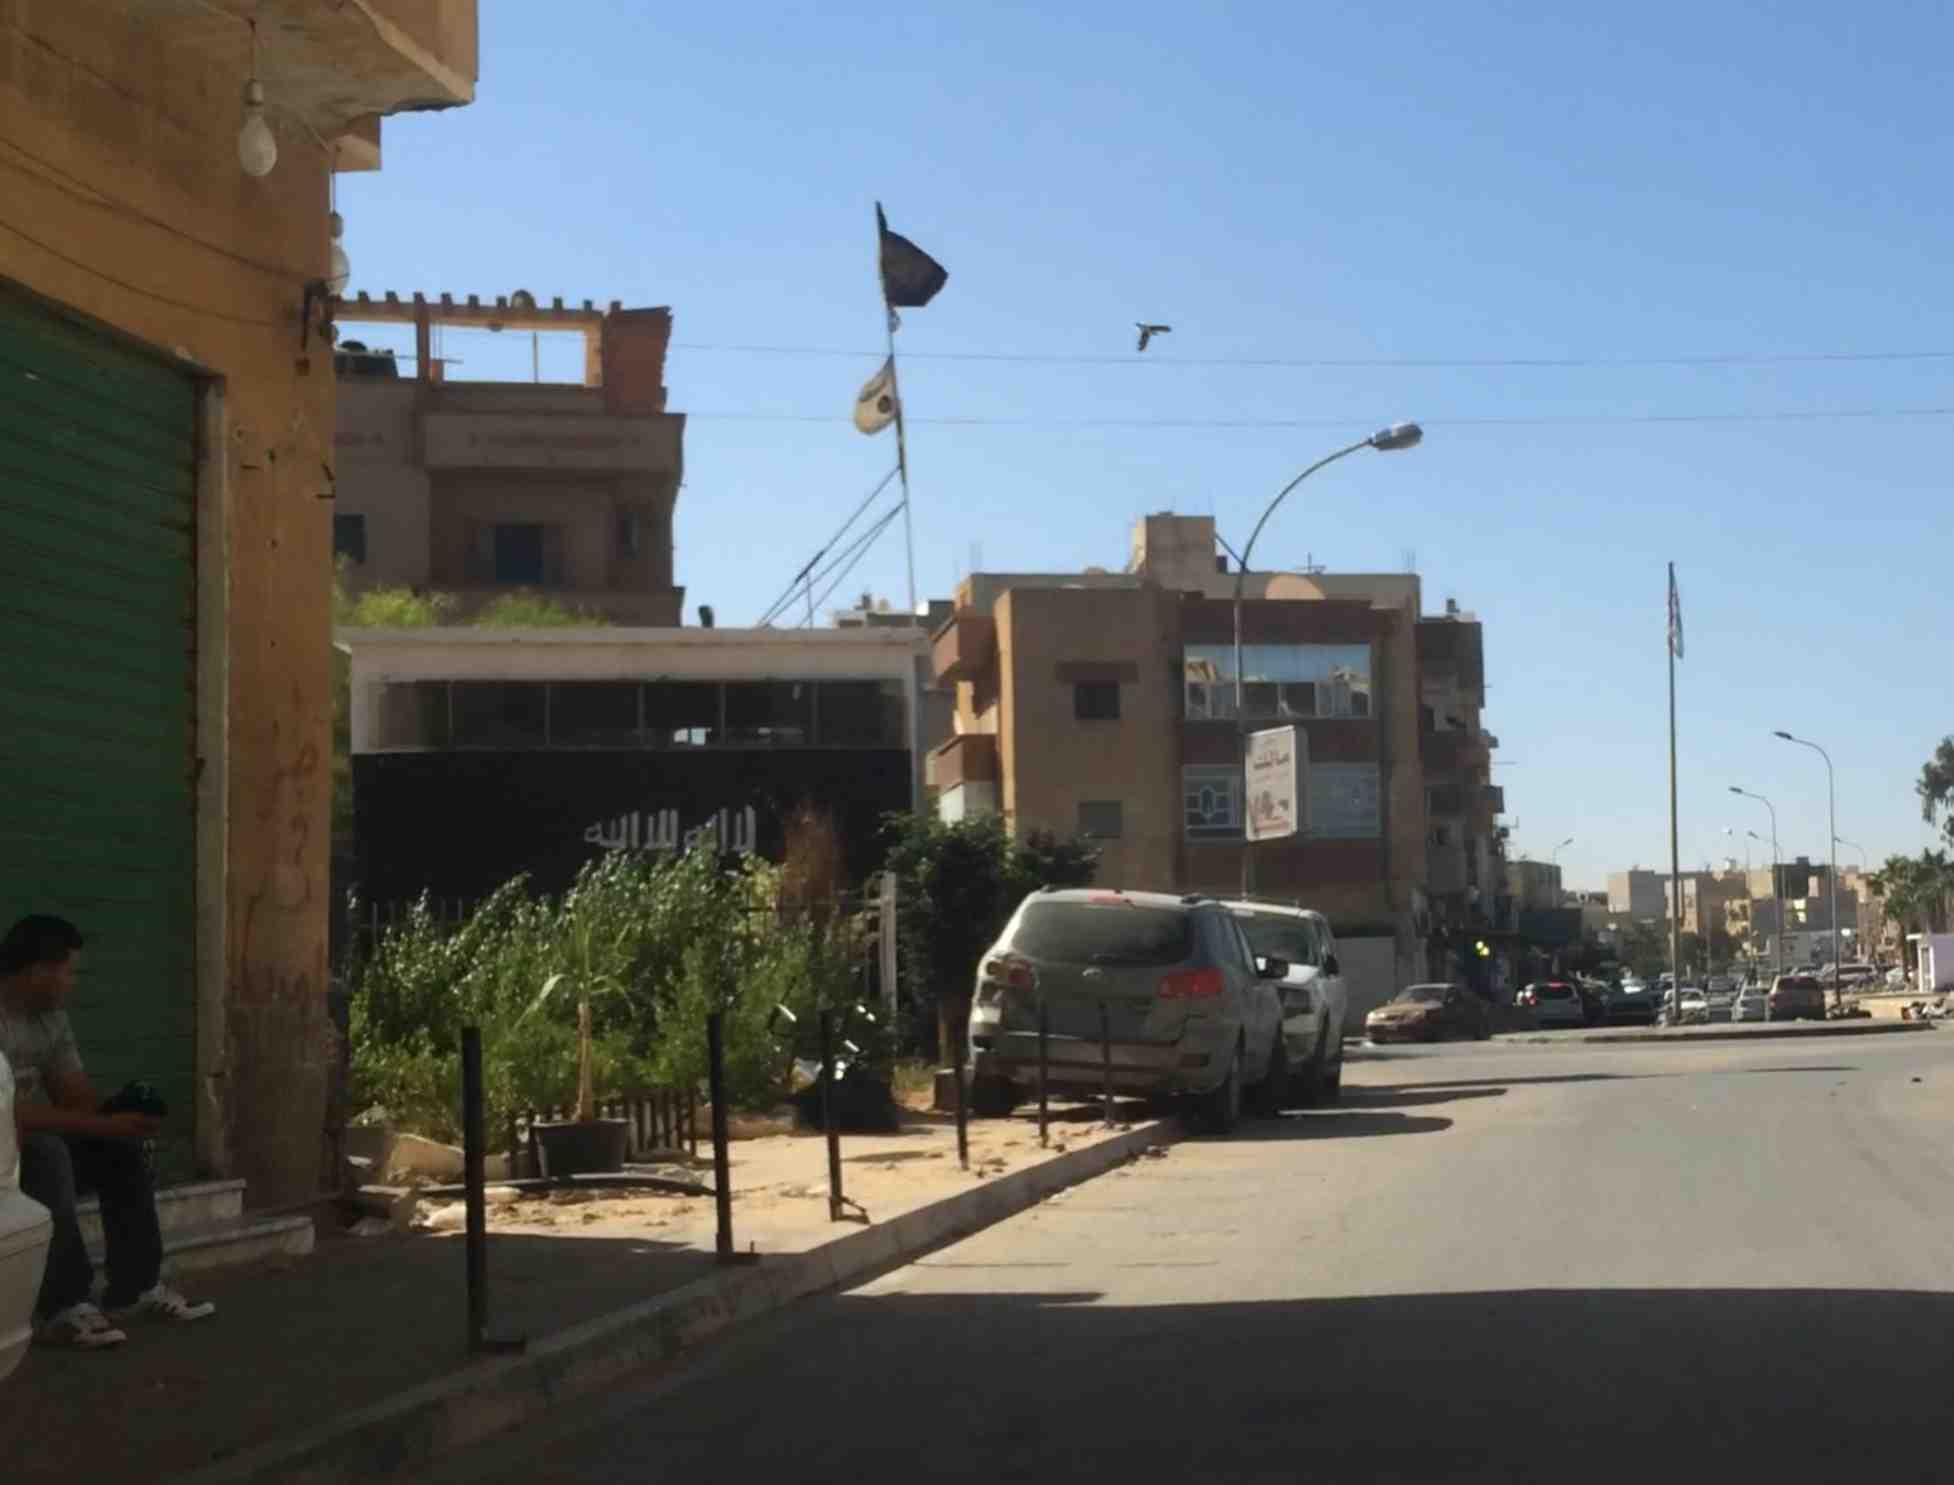 Le drapeau noir des fondamentalistes trônant en plein centre ville de benghazi, dans l'est de la Libye, le mois dernier. Image : F. A / Intégrales Productions